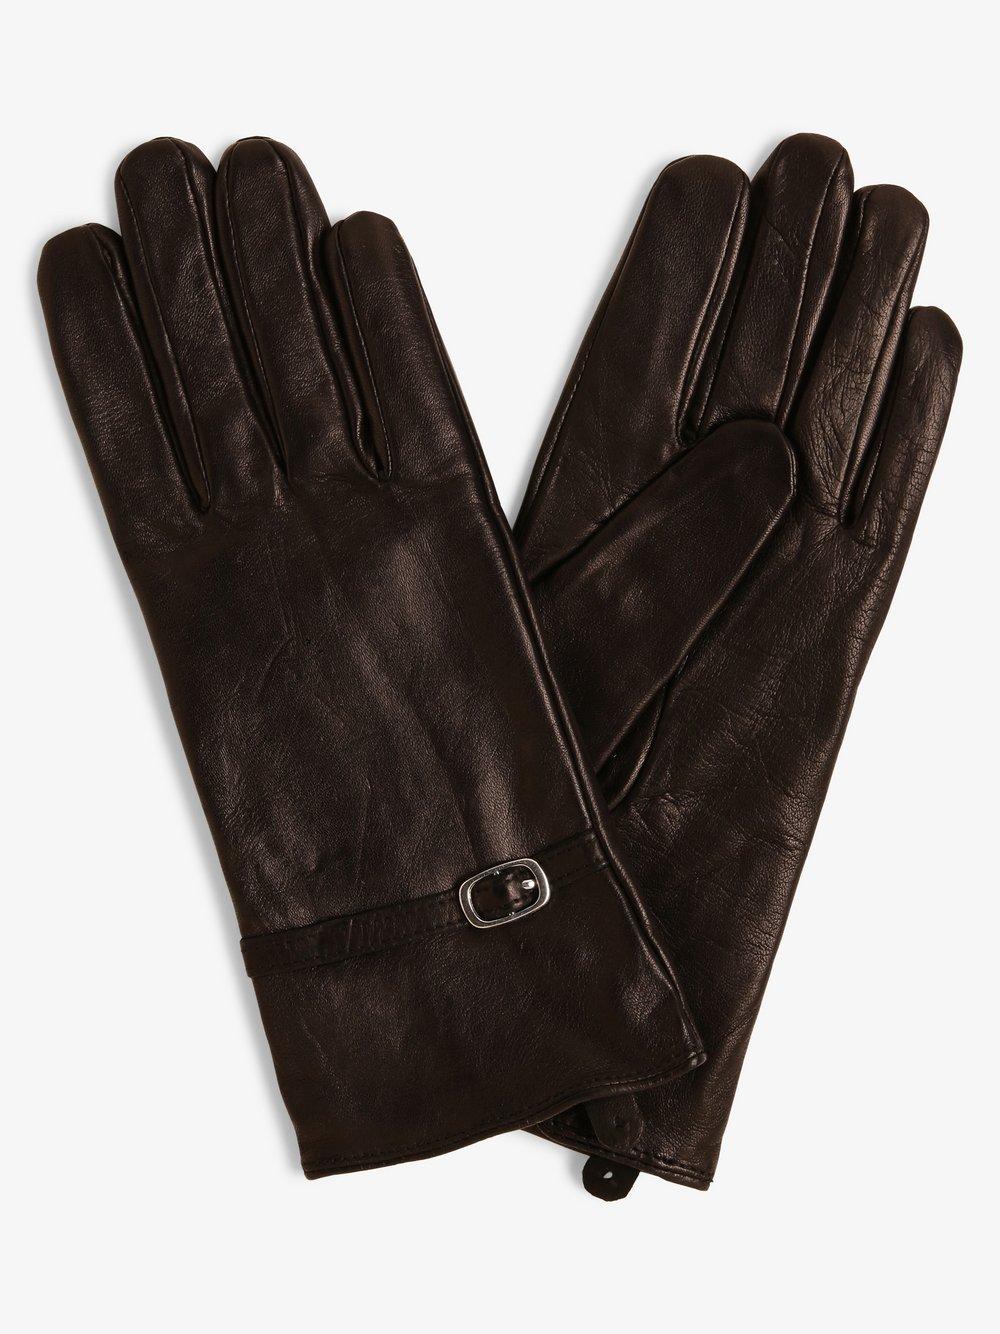 Melkonian – Skórzane rękawiczki damskie, czarny Van Graaf 300025-0001